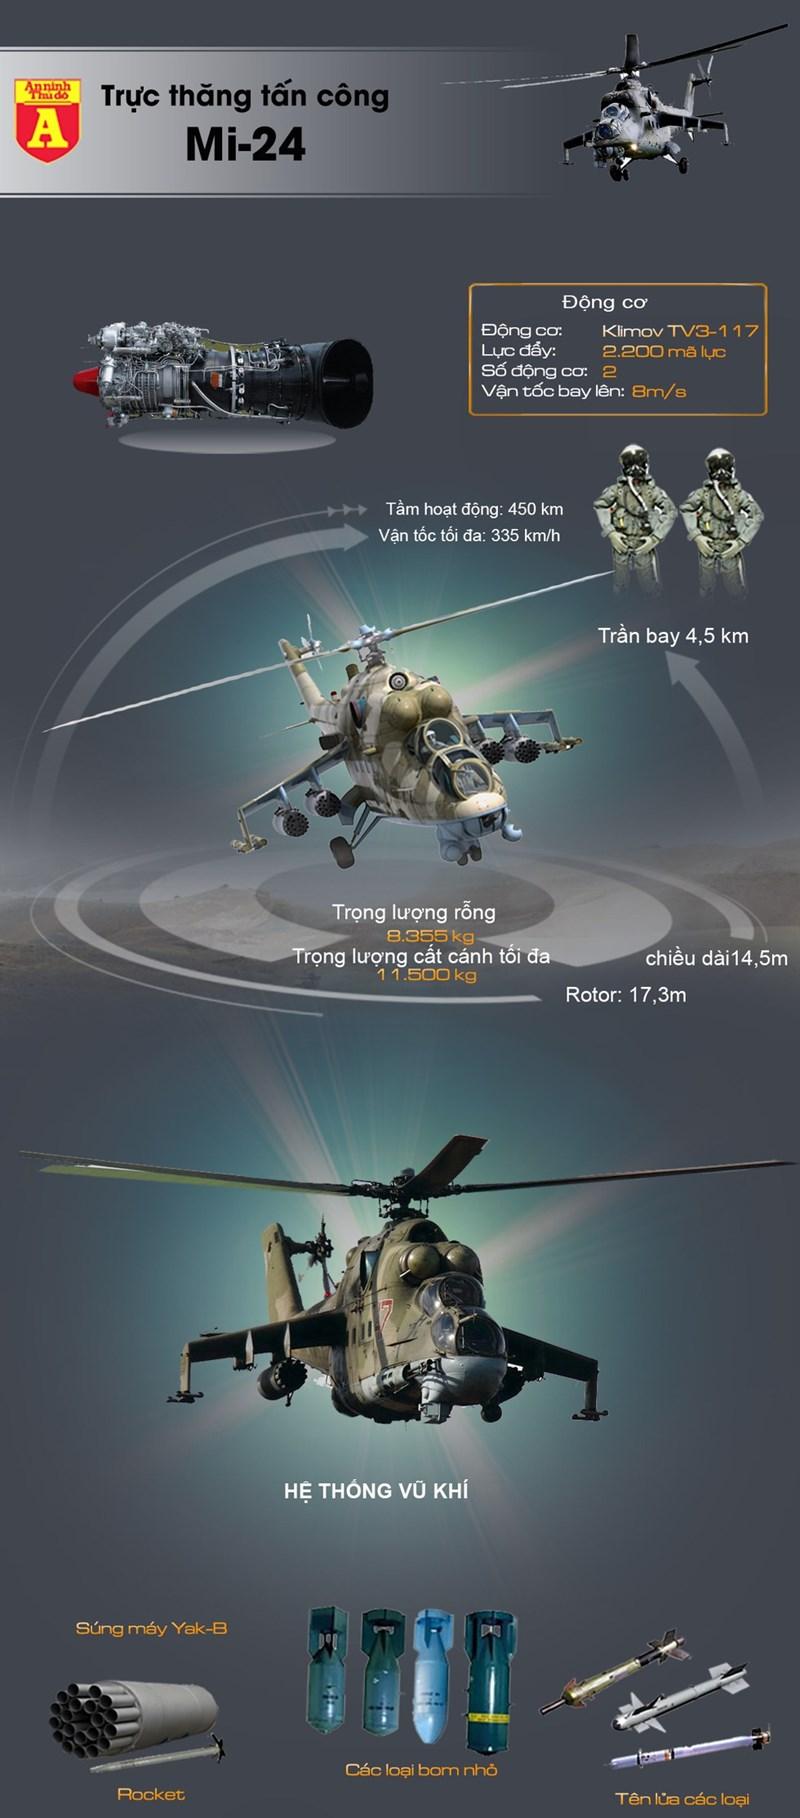 """[Infographics] """"Xe tăng bay"""" Mi-24 Nga bất ngờ xuất hiện trong căn cứ Mỹ - Ảnh 1"""